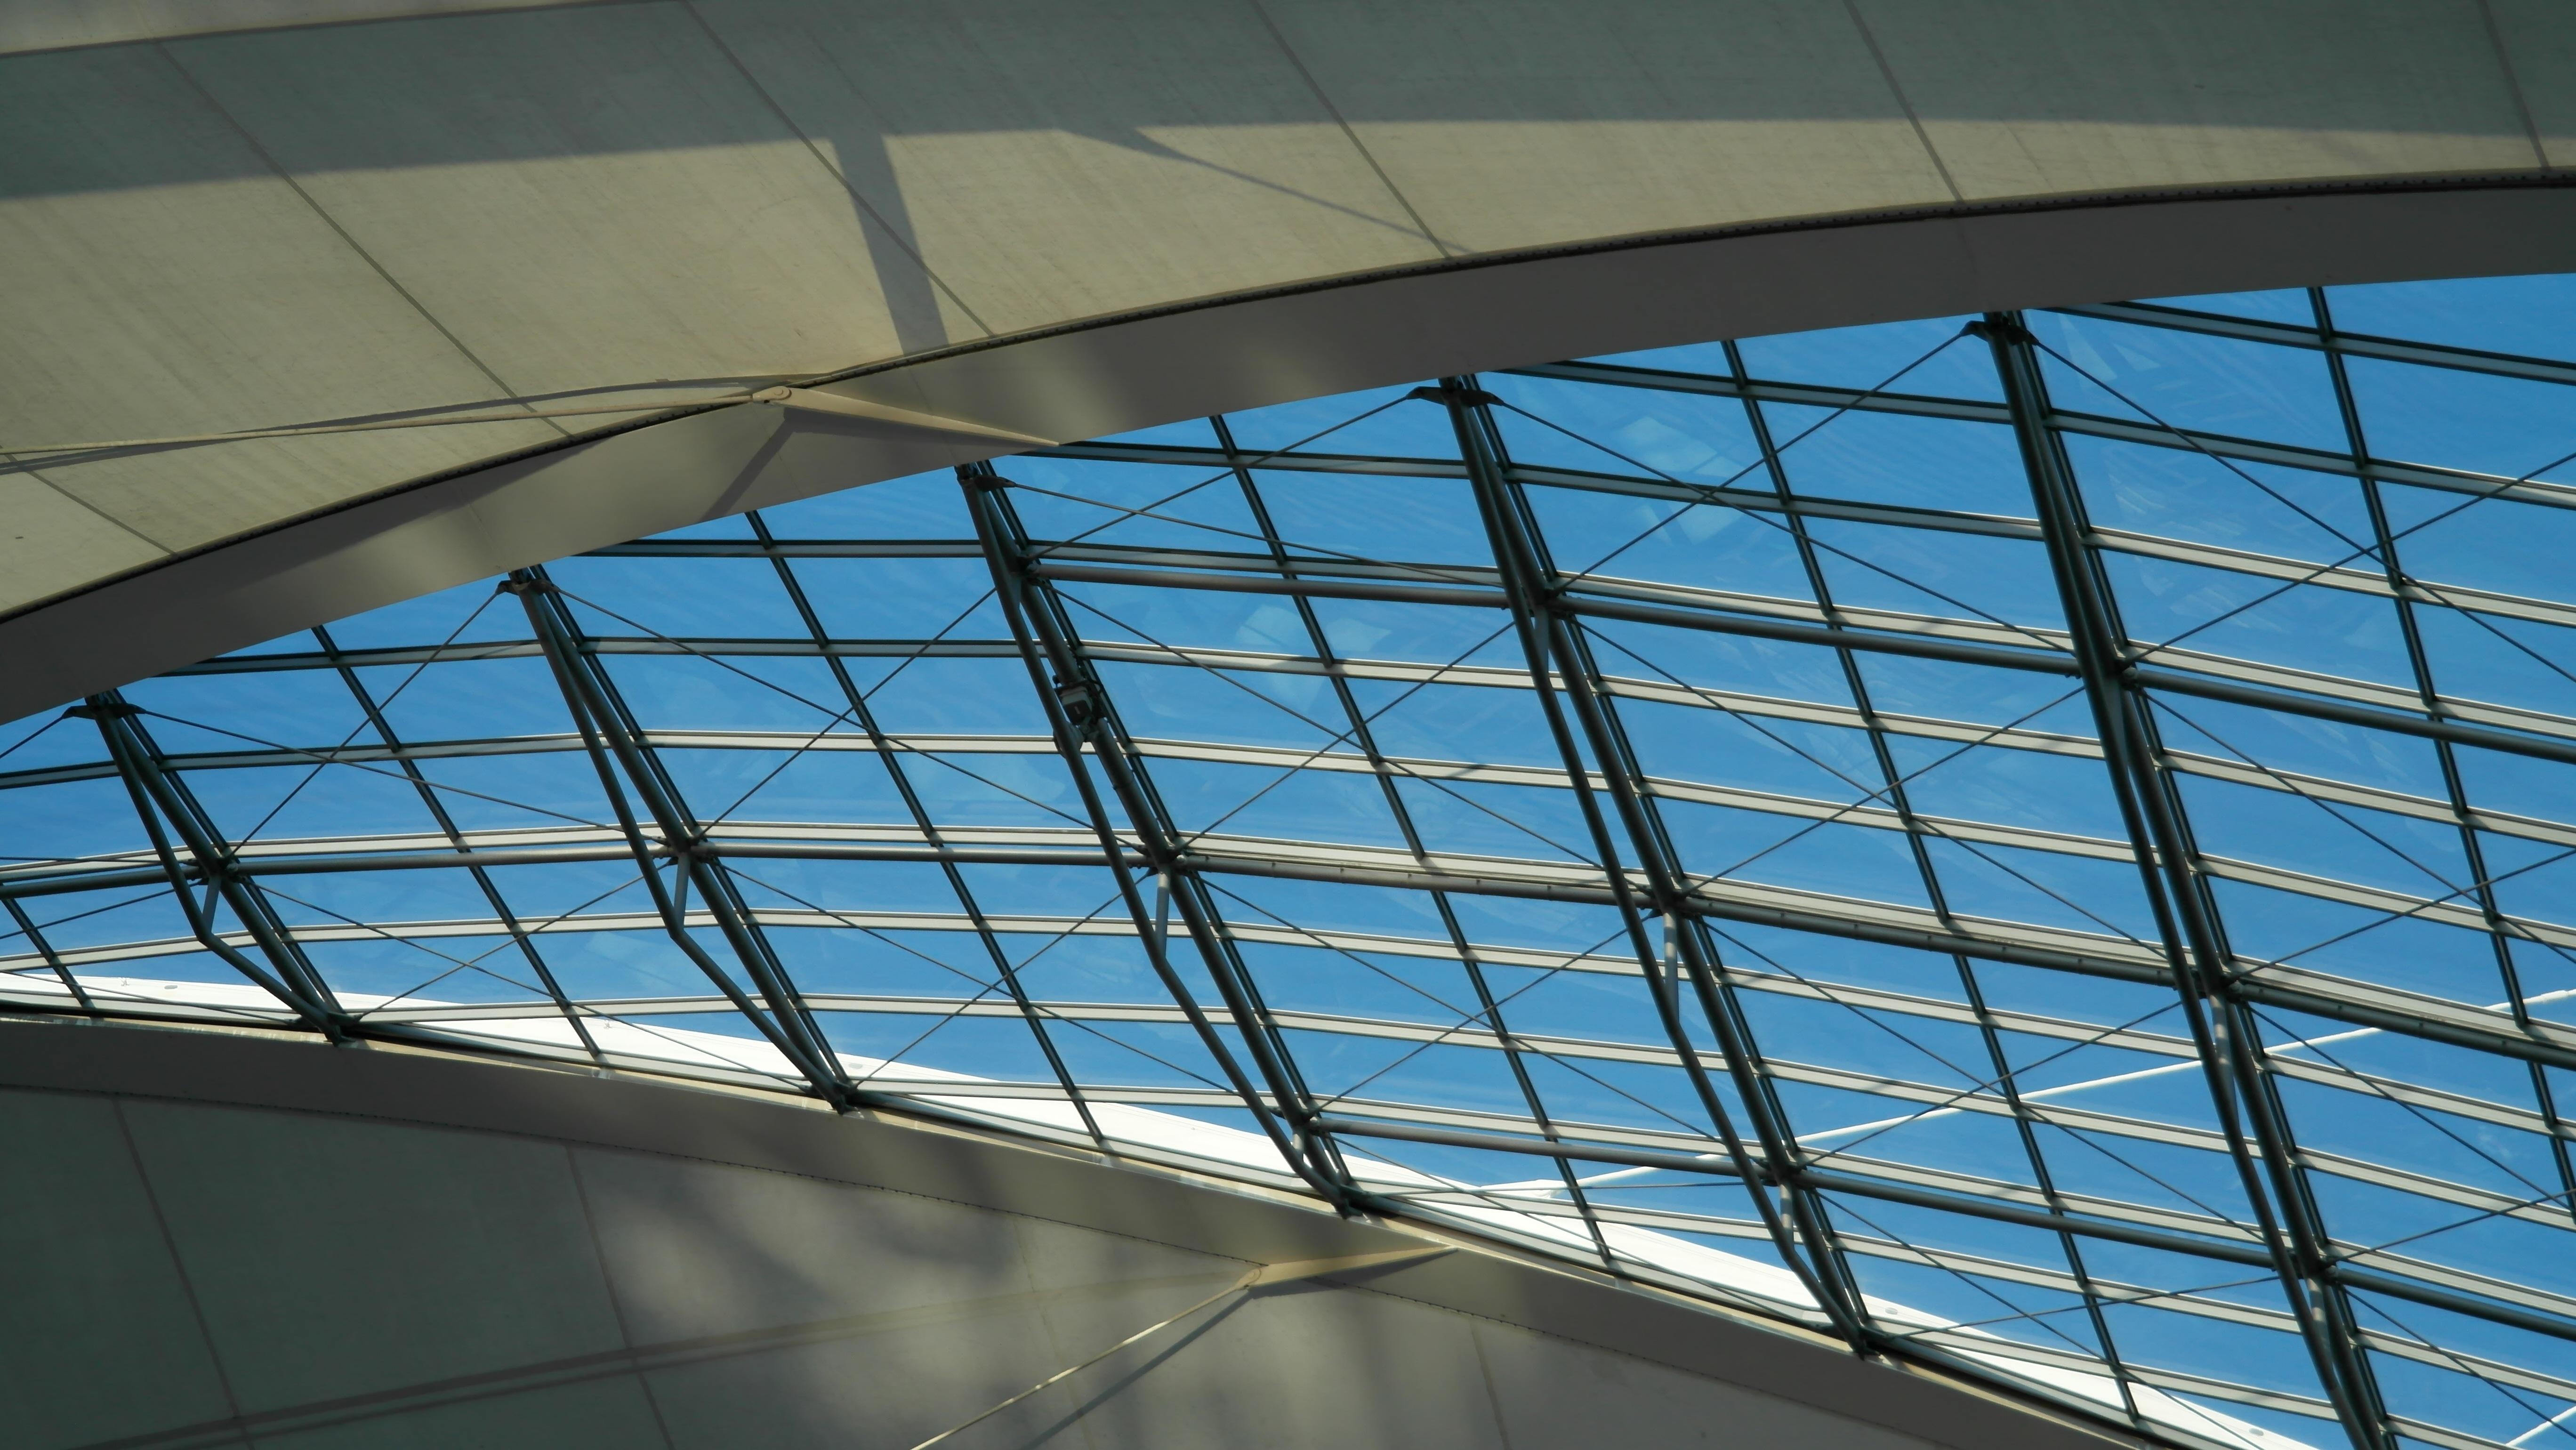 Fotos gratis : arquitectura, estructura, tecnología, ventana, vaso ...